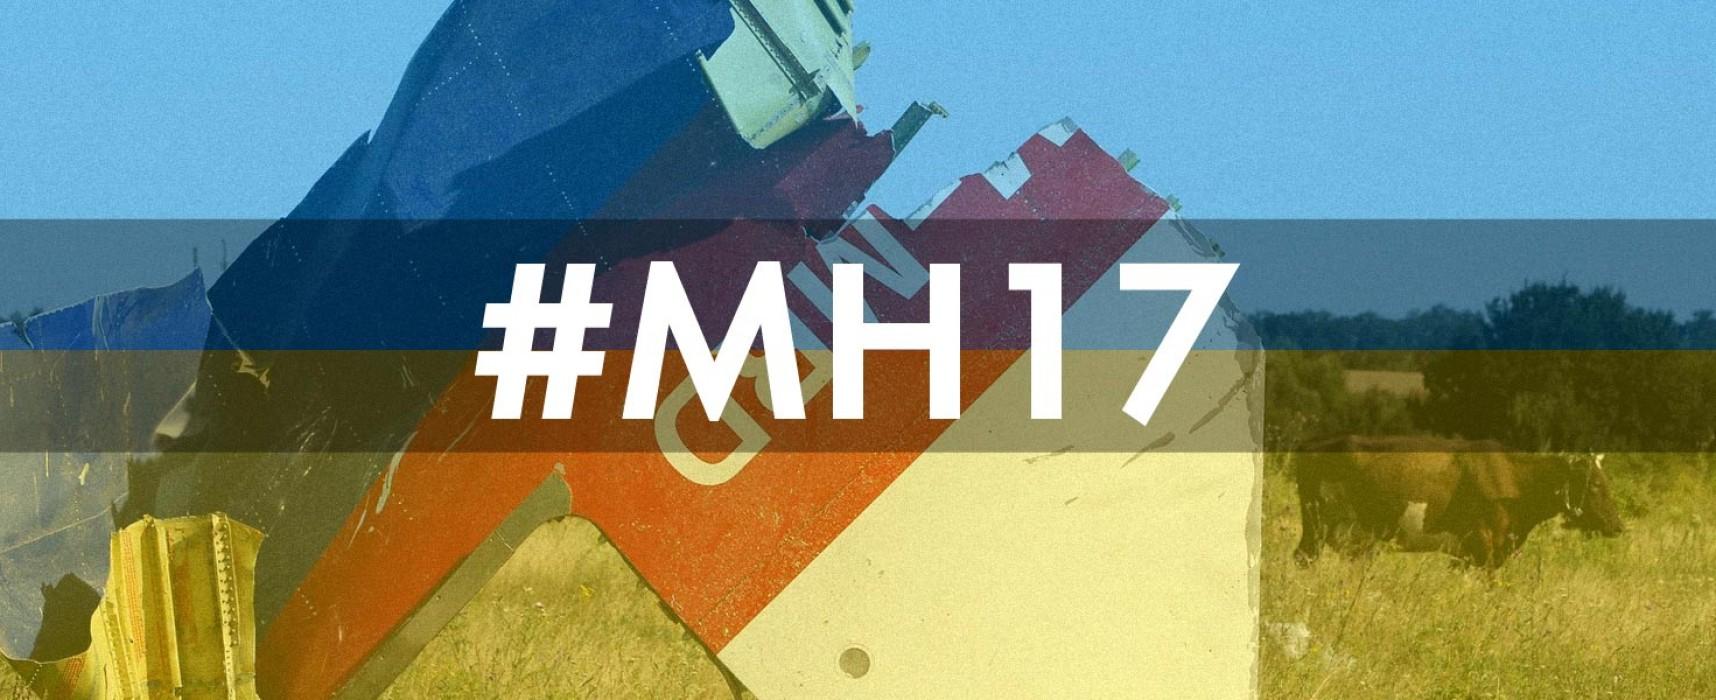 Dopo 4 anni parlare di MH17 è ancora tabù in Italia